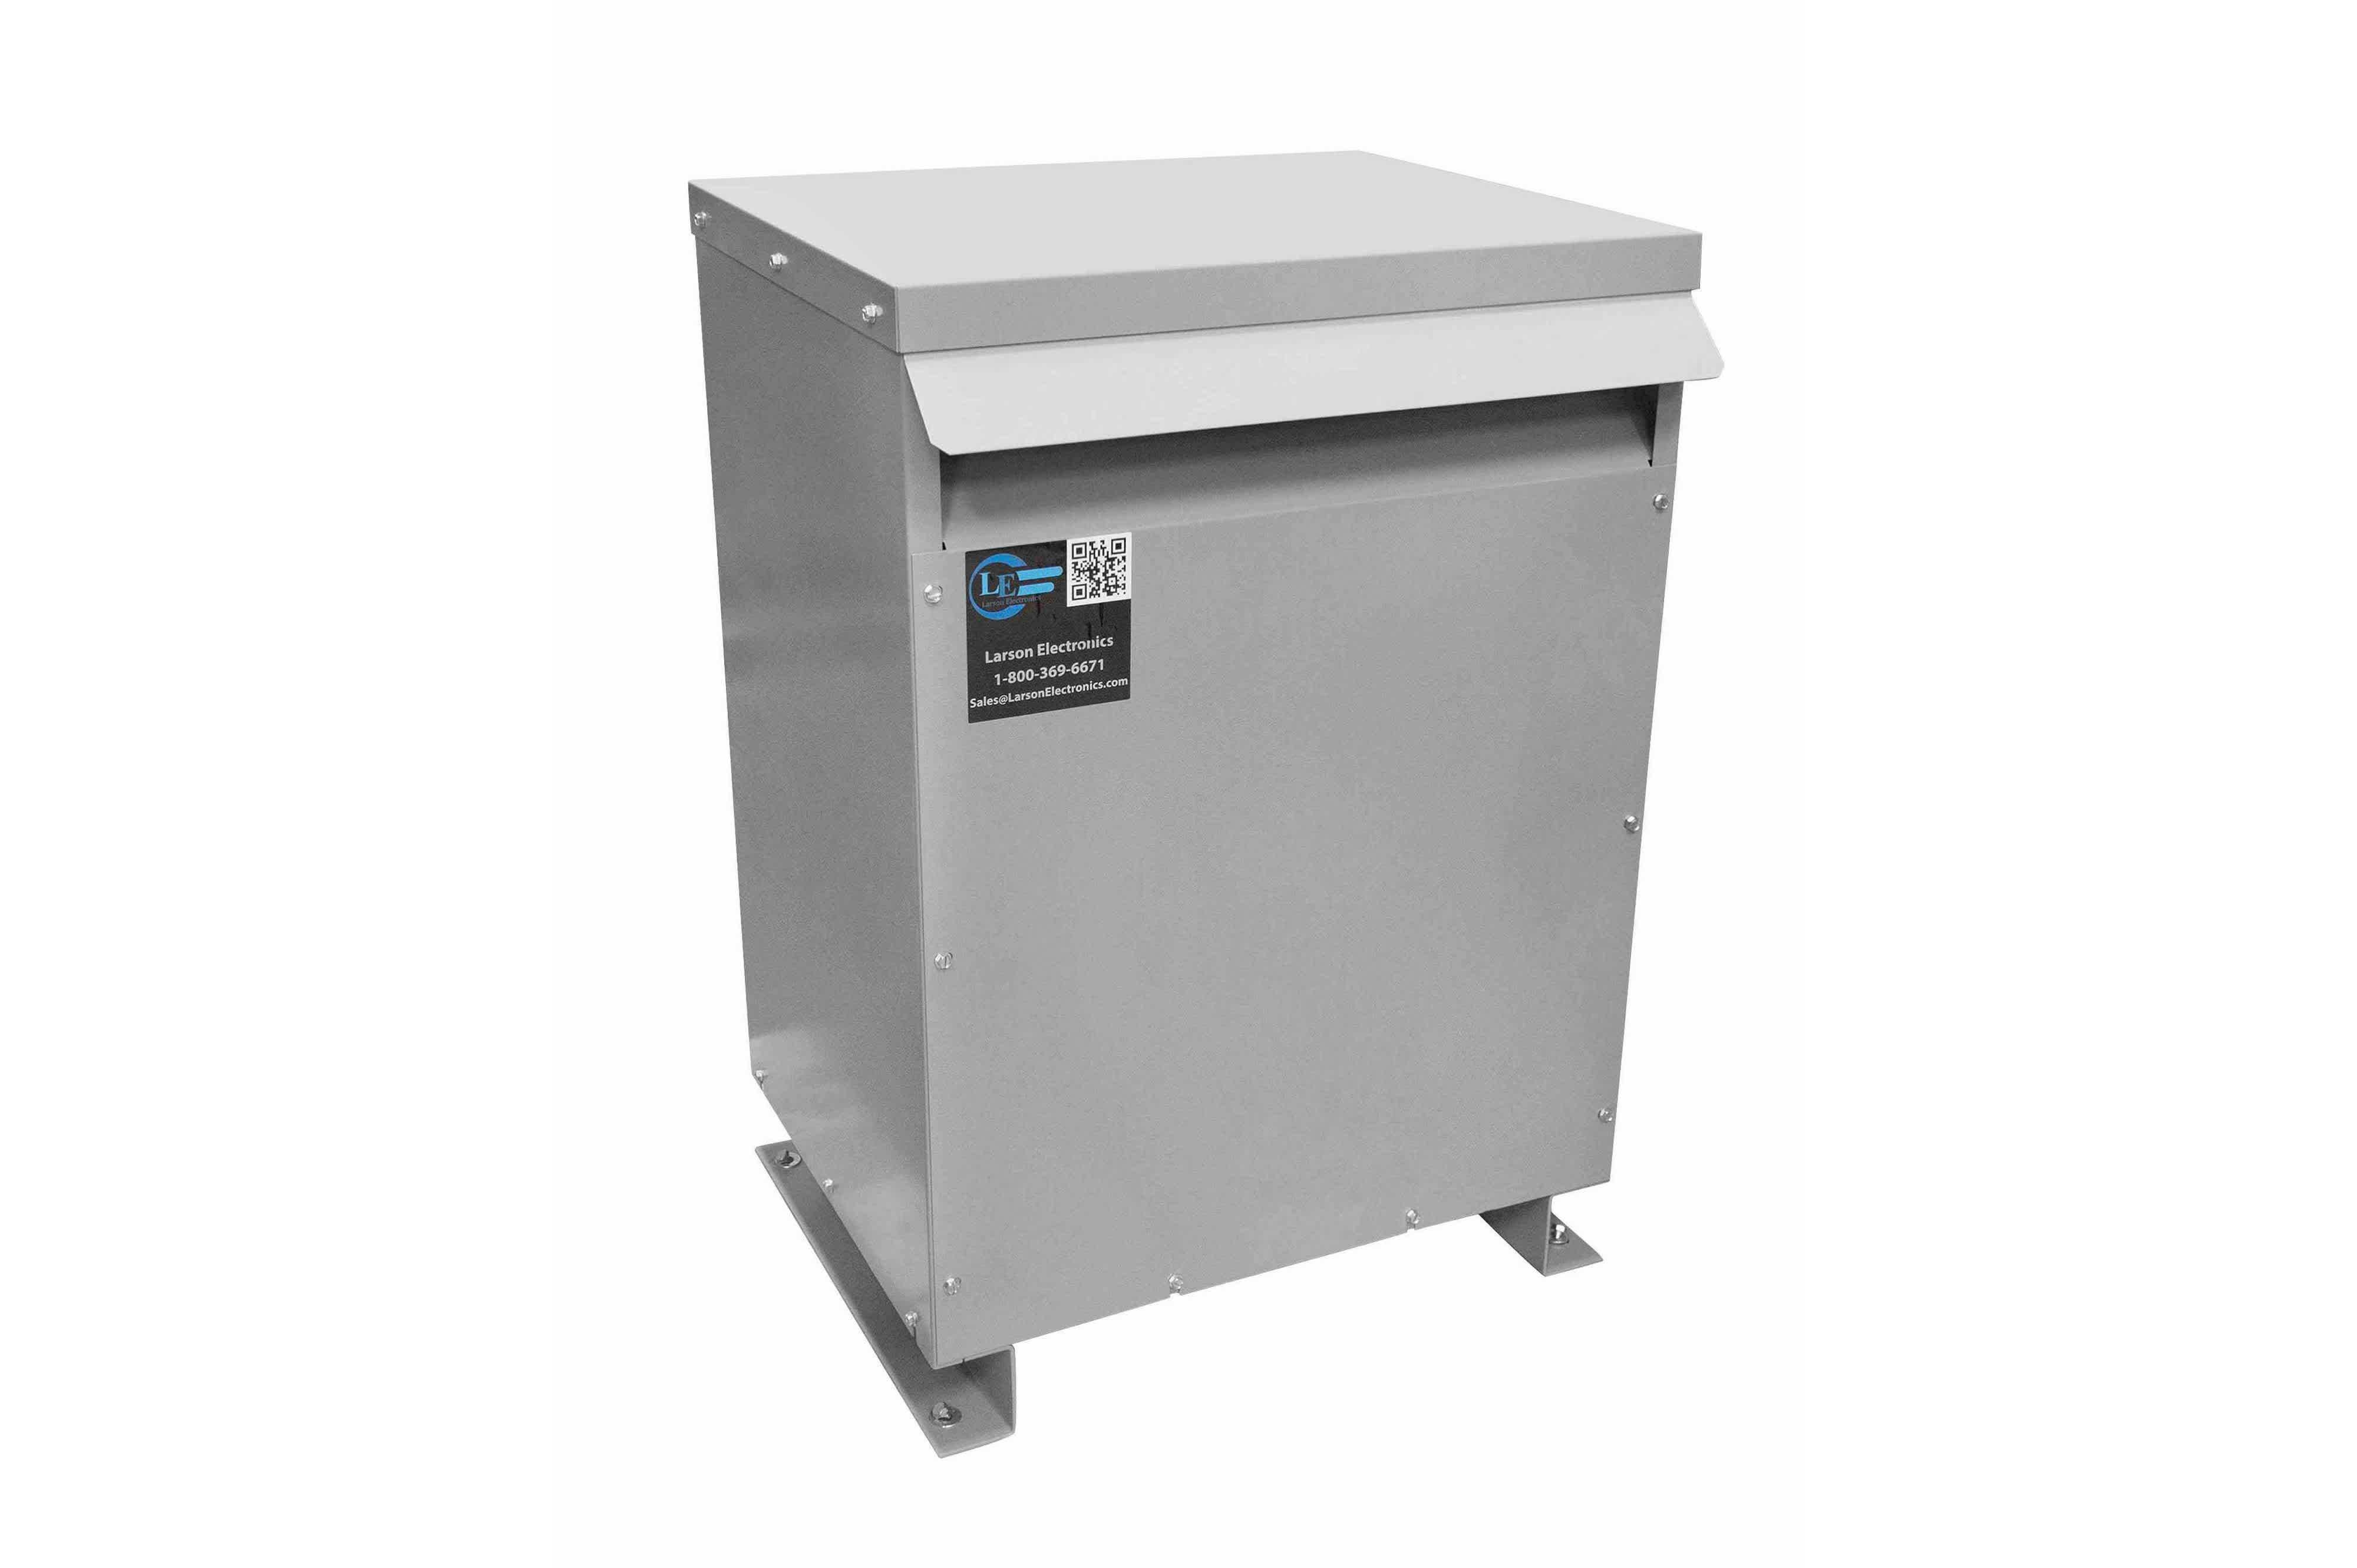 750 kVA 3PH Isolation Transformer, 240V Delta Primary, 600V Delta Secondary, N3R, Ventilated, 60 Hz